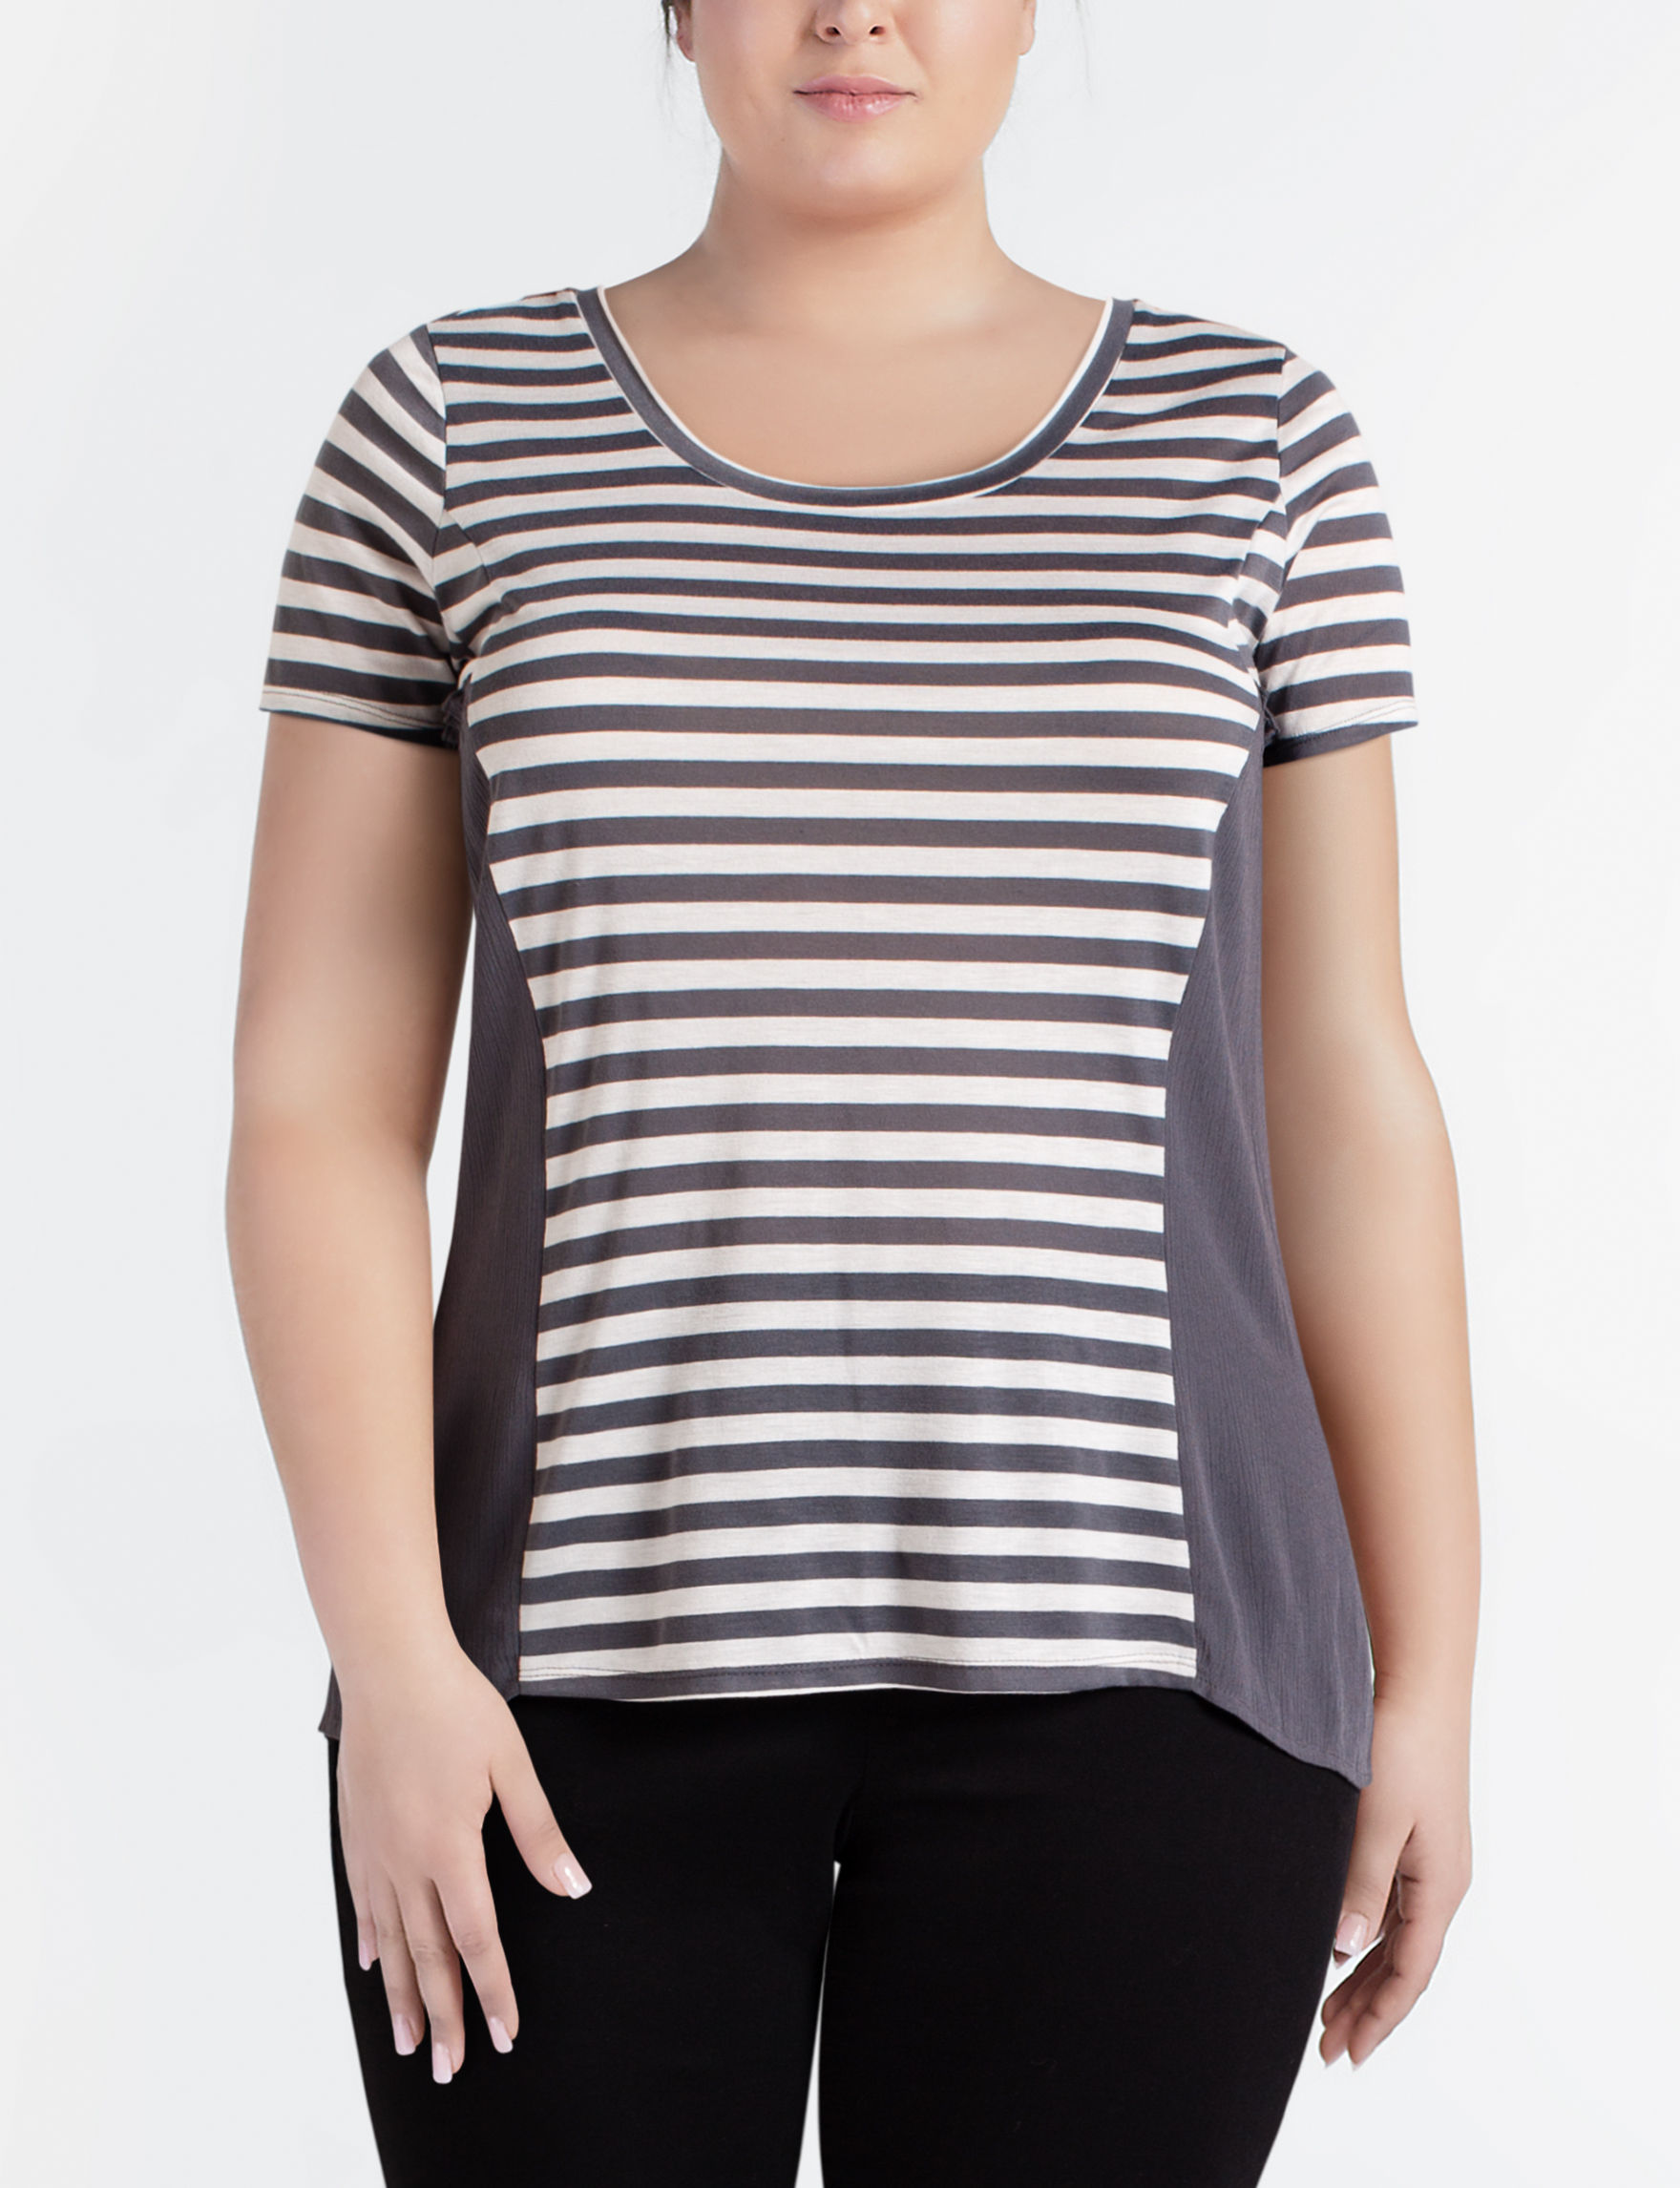 Hannah Grey / White Shirts & Blouses